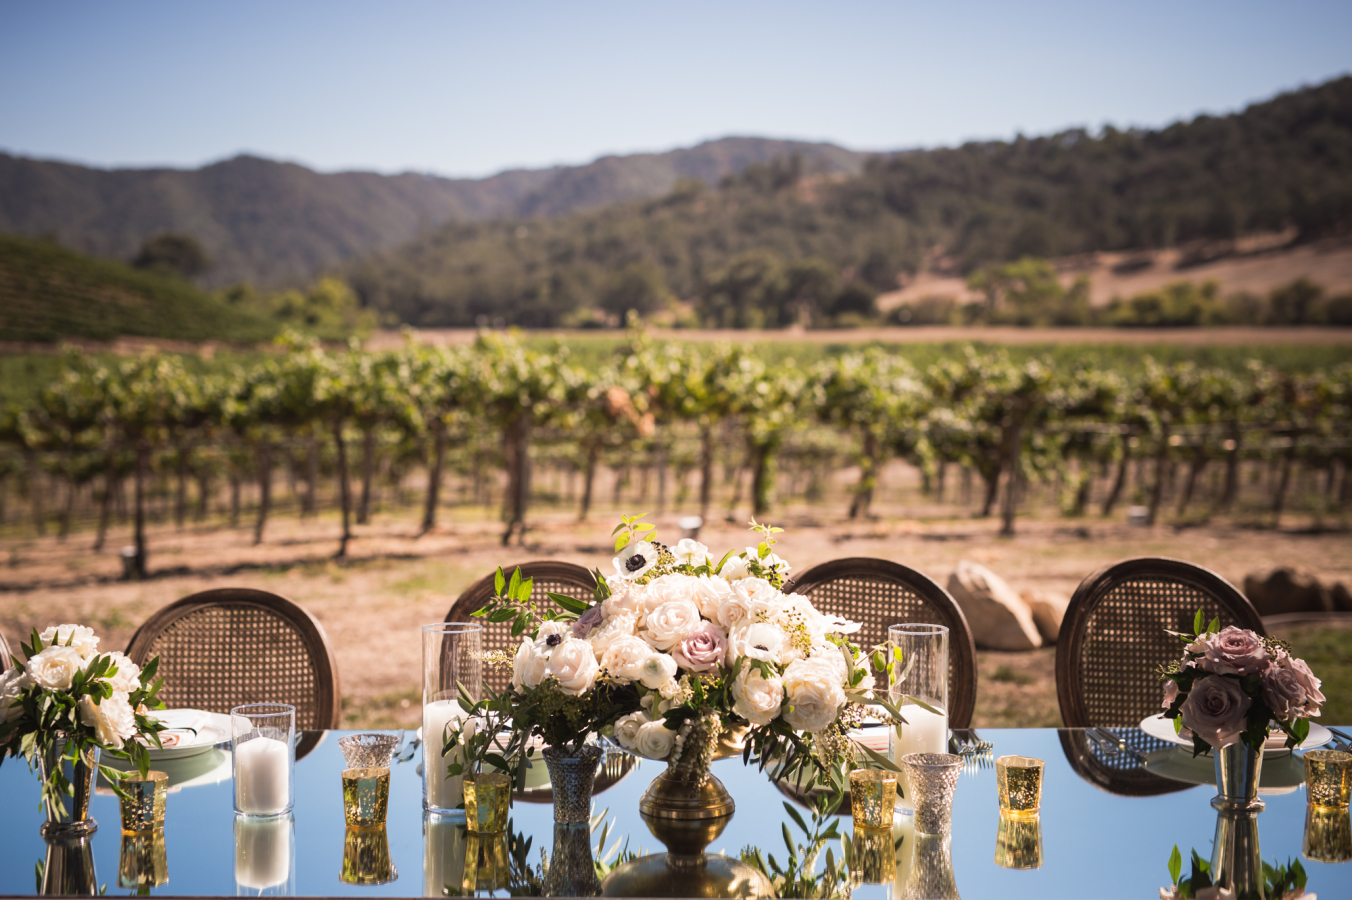 vinyardwedding3.jpg